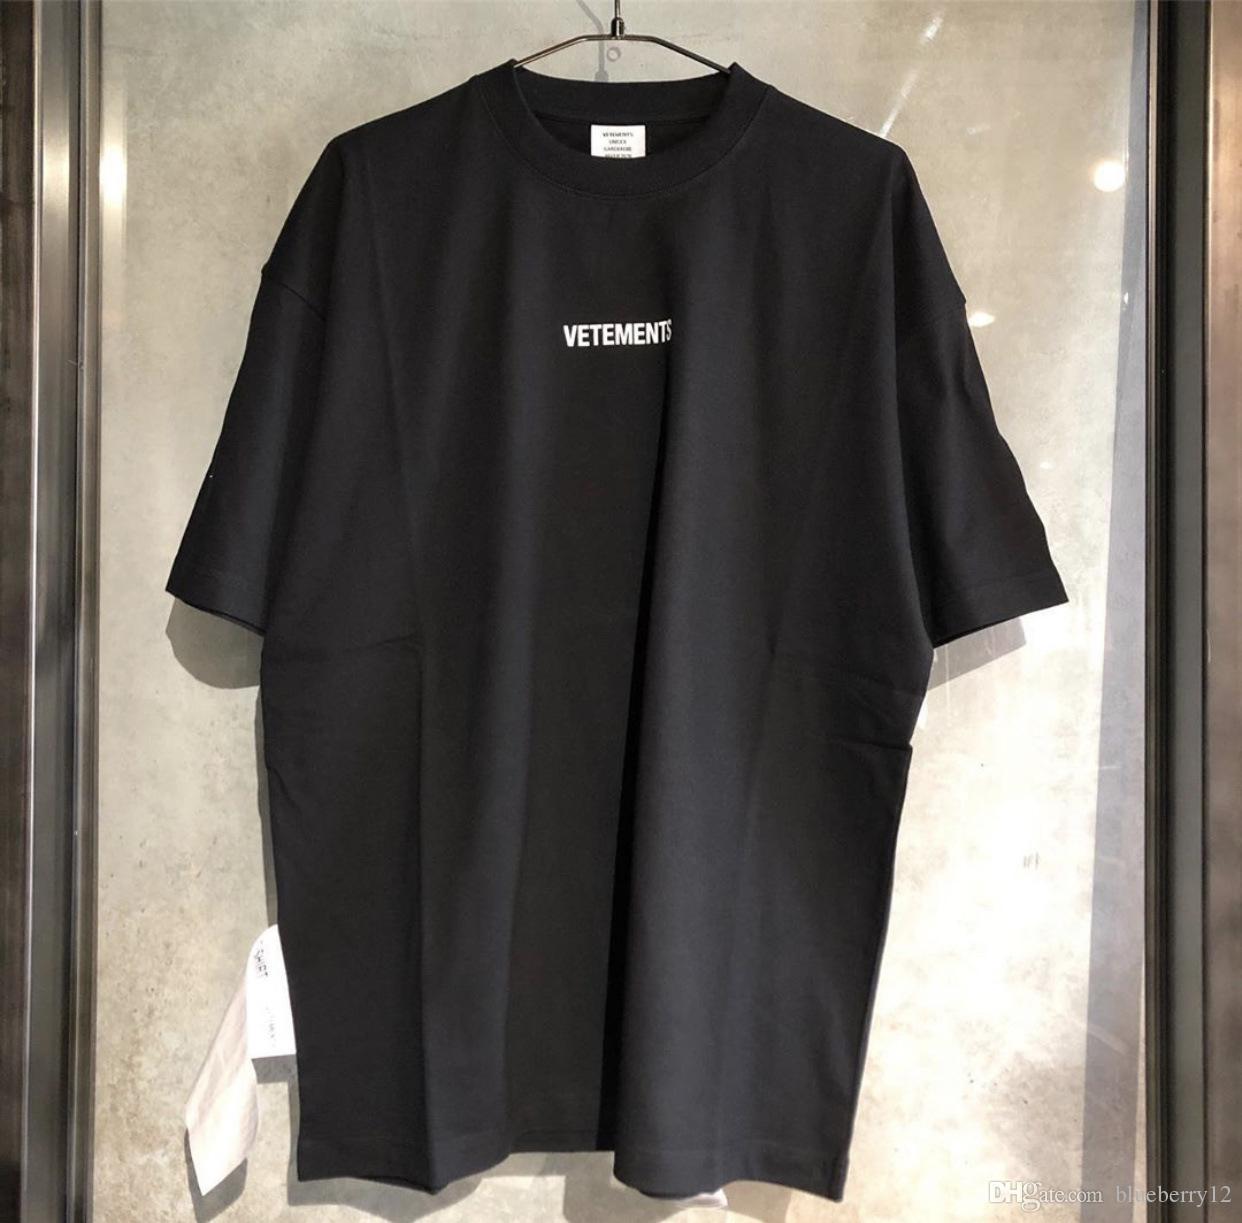 남성 디자이너 t- 셔츠 Vetements의 t 셔츠 남성 여성 레드 블랙 화이트 큰 태그 Vetements 티 대형 Vetements 티셔츠